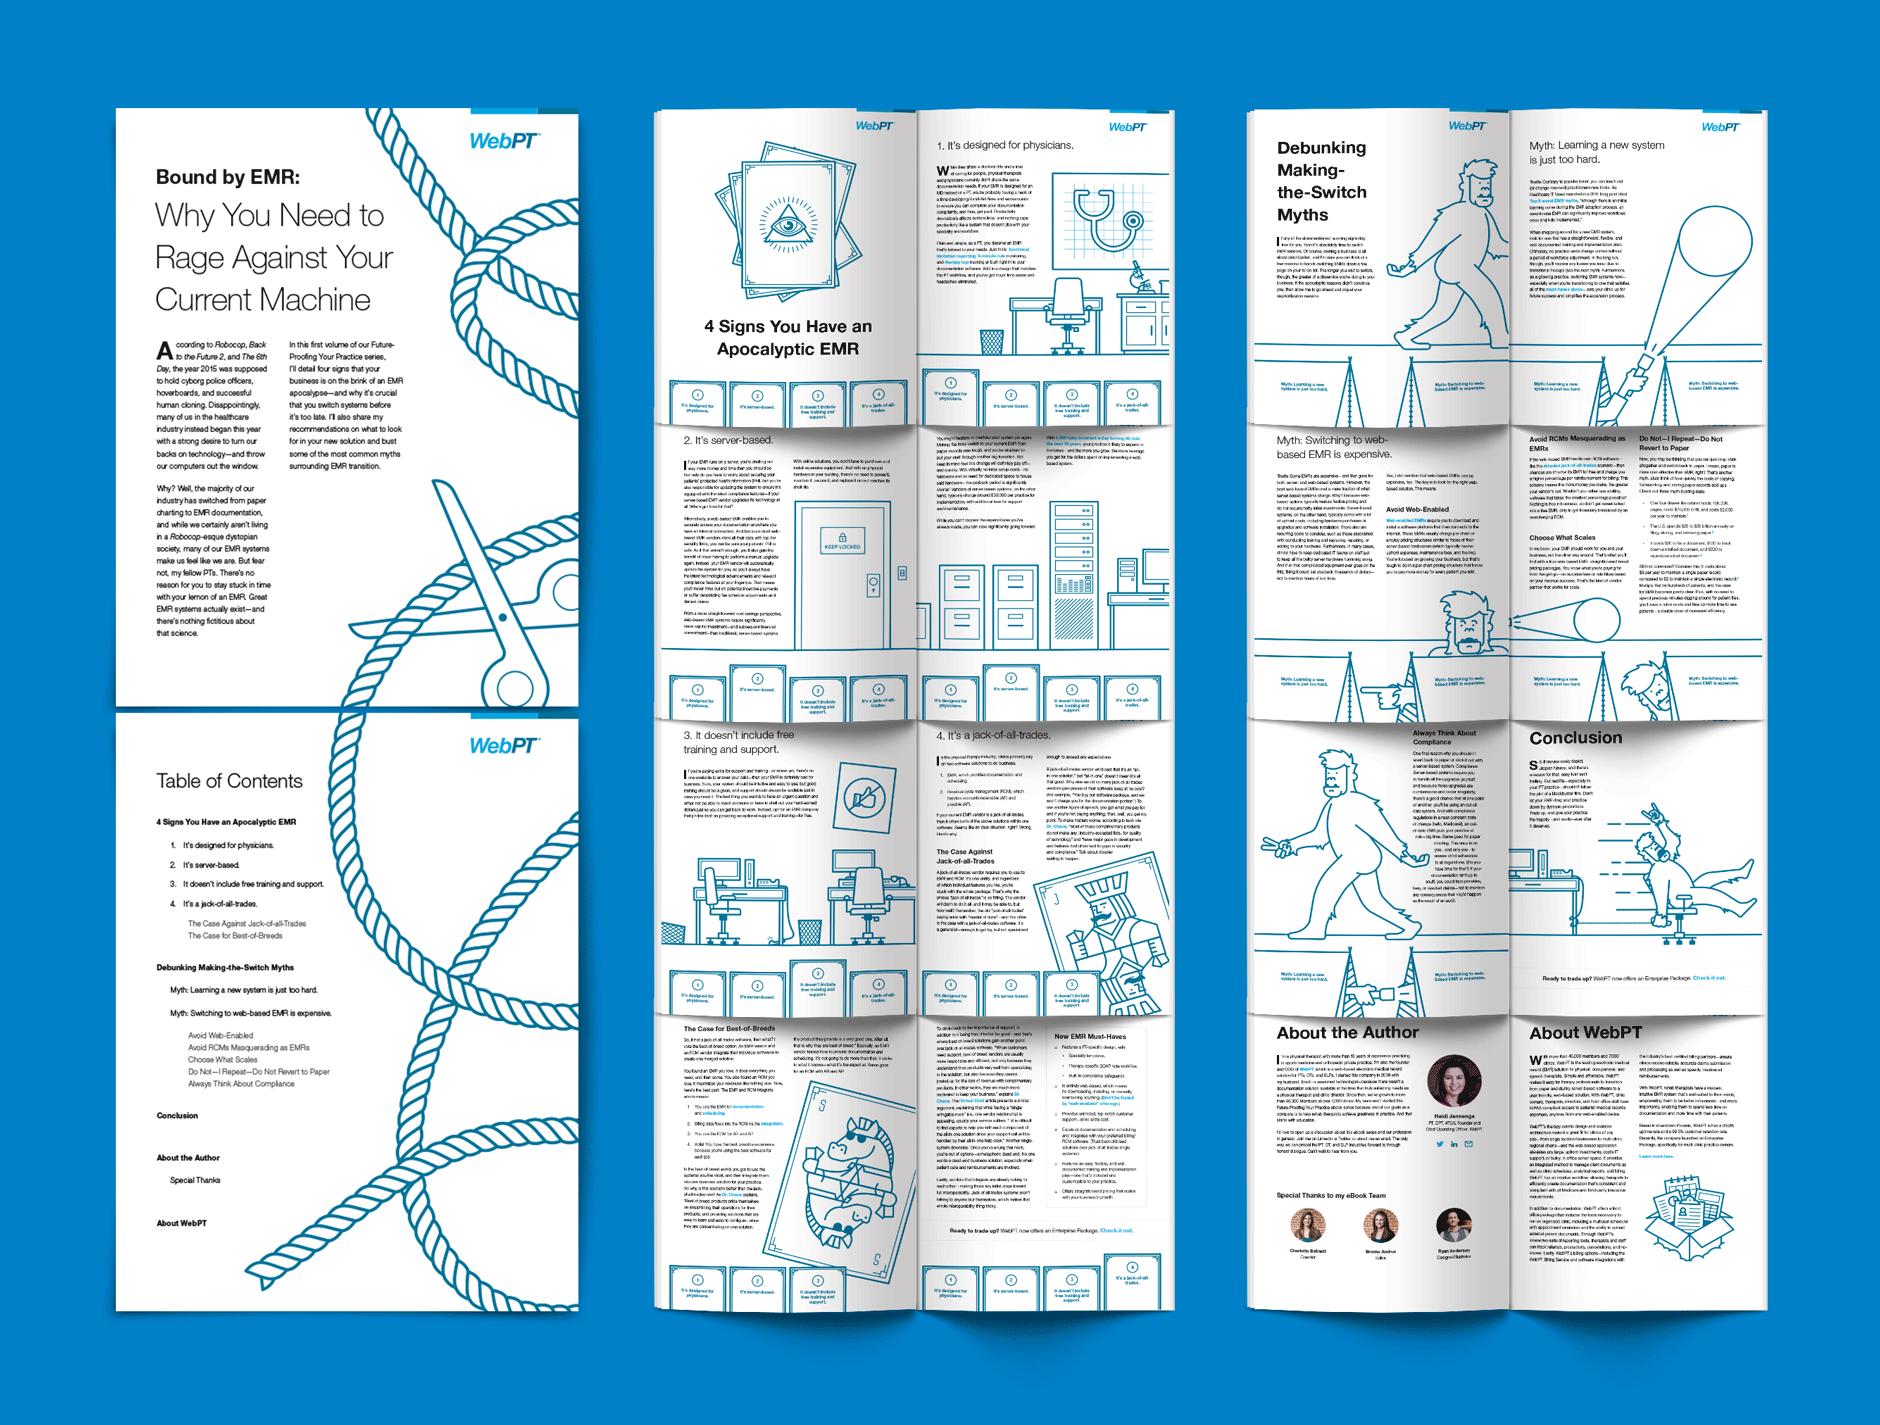 Dot Pixel - WebPT - Bound by EMR - Sales/Marketing Collateral Design